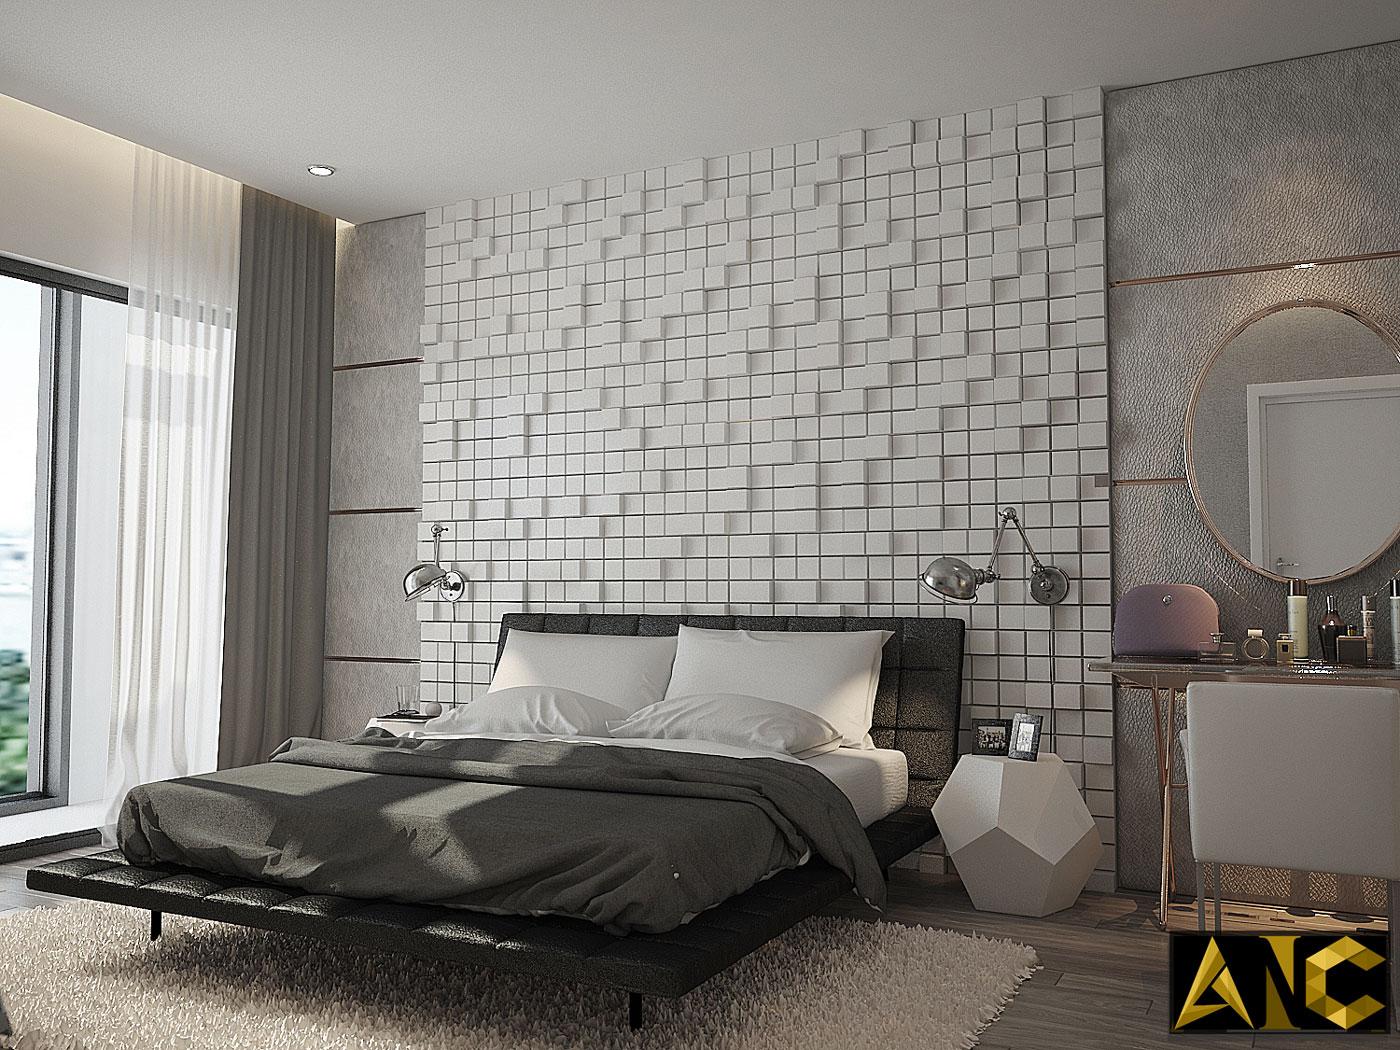 Thiết kế thi công nội thất: căn hộ Royal City phòng ngủ master view 1